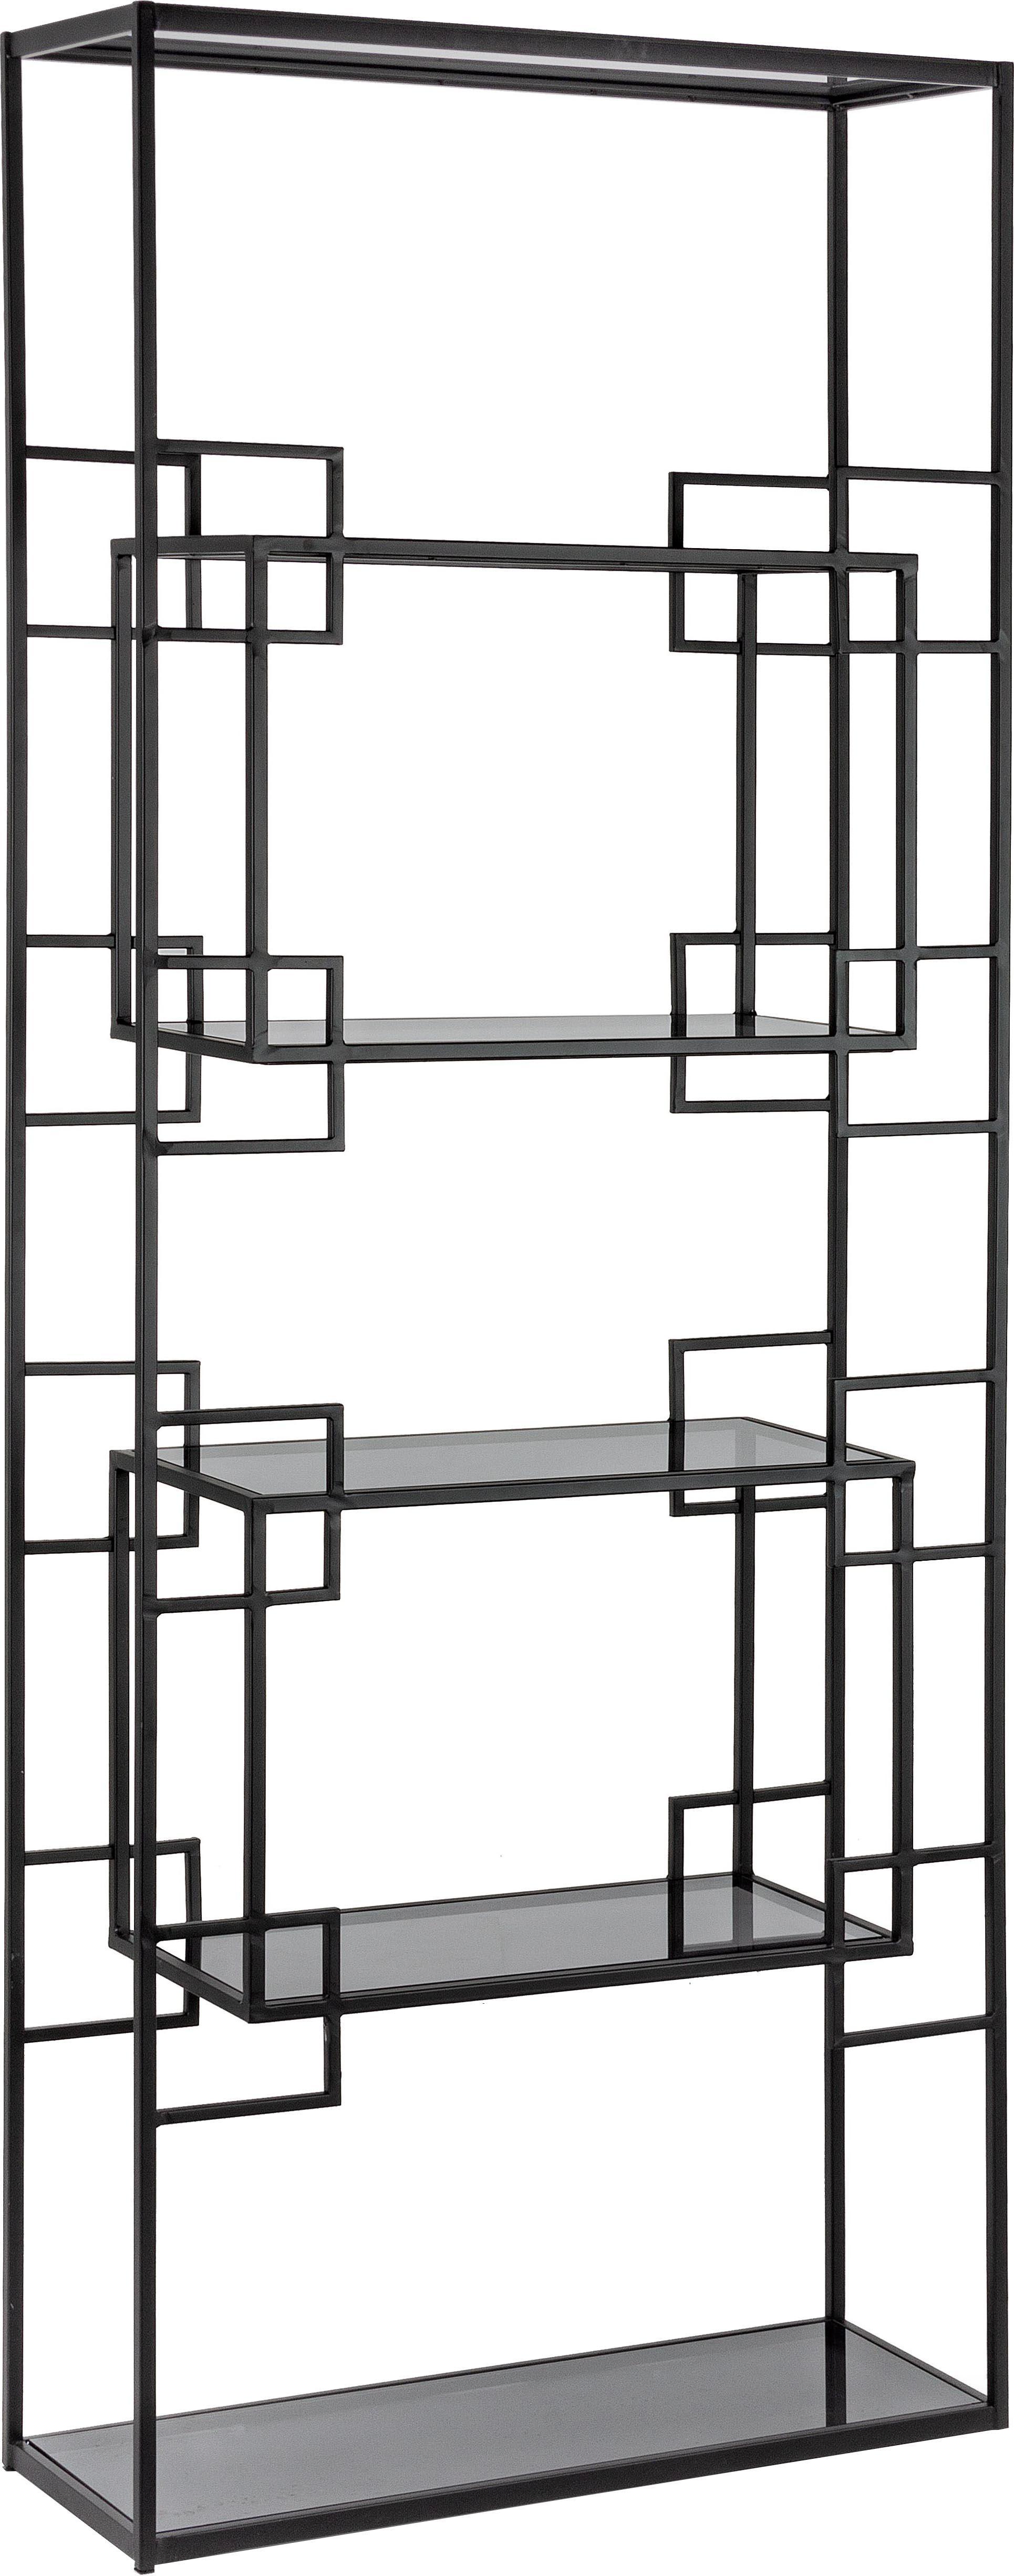 Metall-Standregal Korvet in Schwarz, Gestell: Metall, epoxidiert und pu, Einlegeböden: Glas, Schwarz, Grau, transparent, 71 x 183 cm